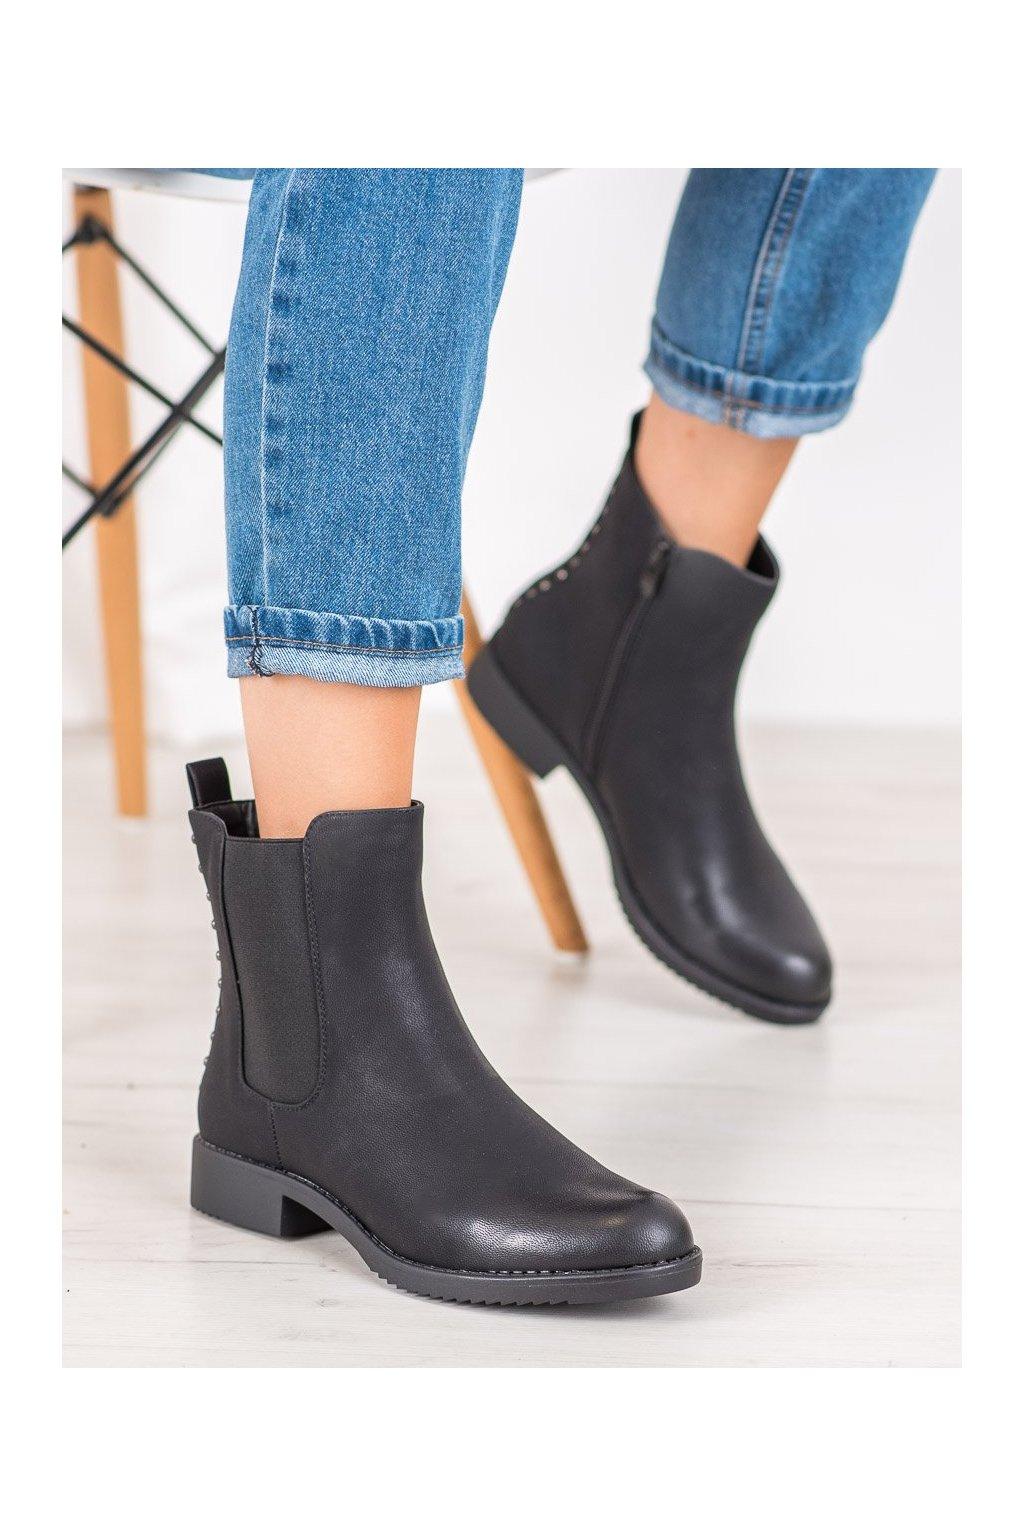 Čierne dámske topánky J. star kod A8048/A-B